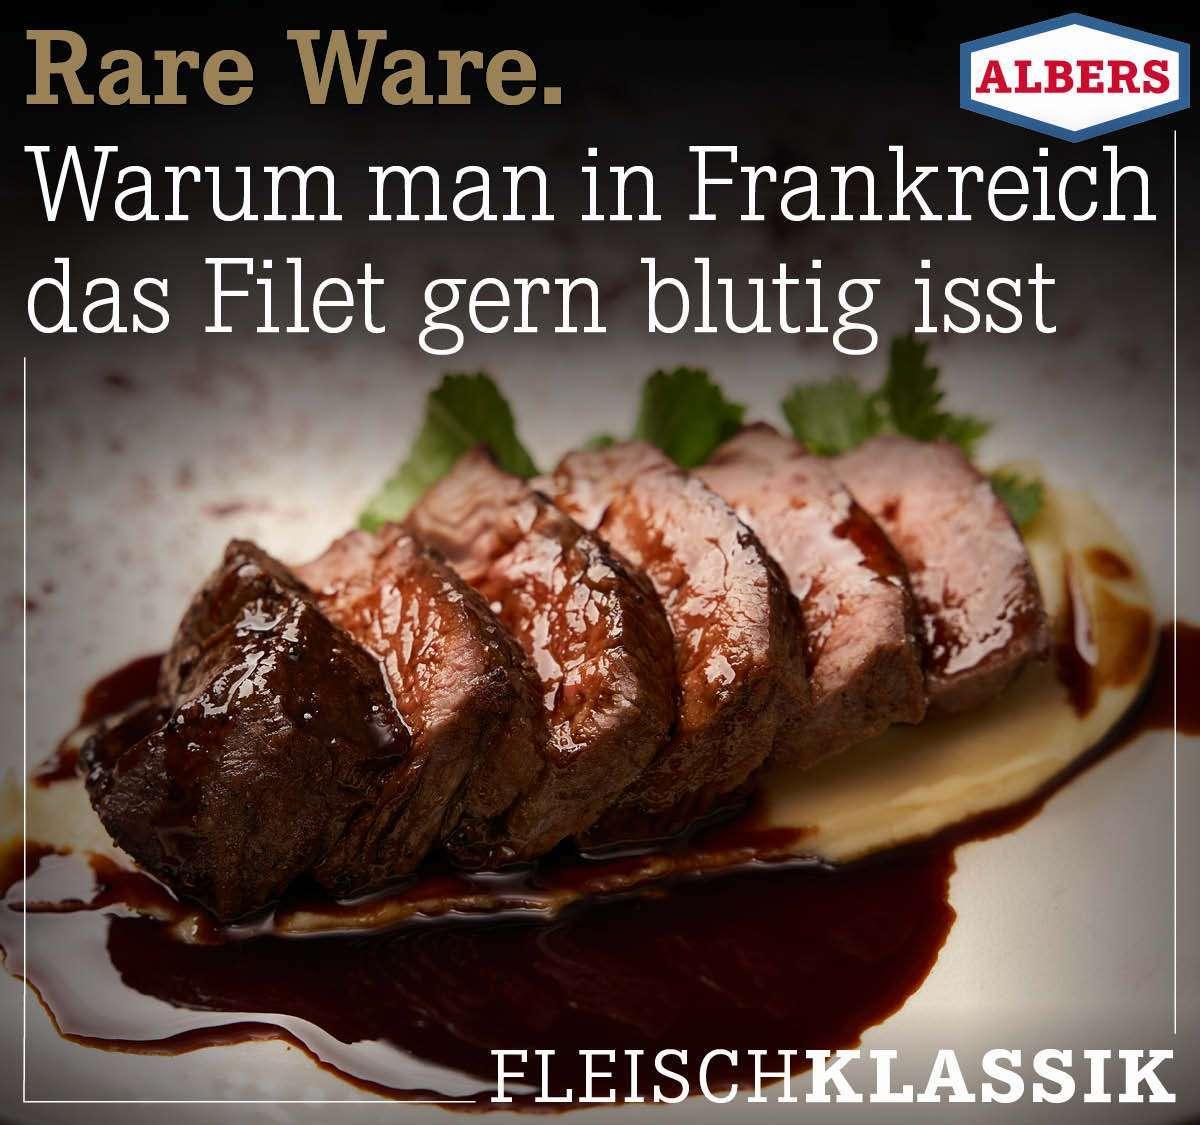 Rare Ware. Warum man in Frankreich das Filet gern blutig isst